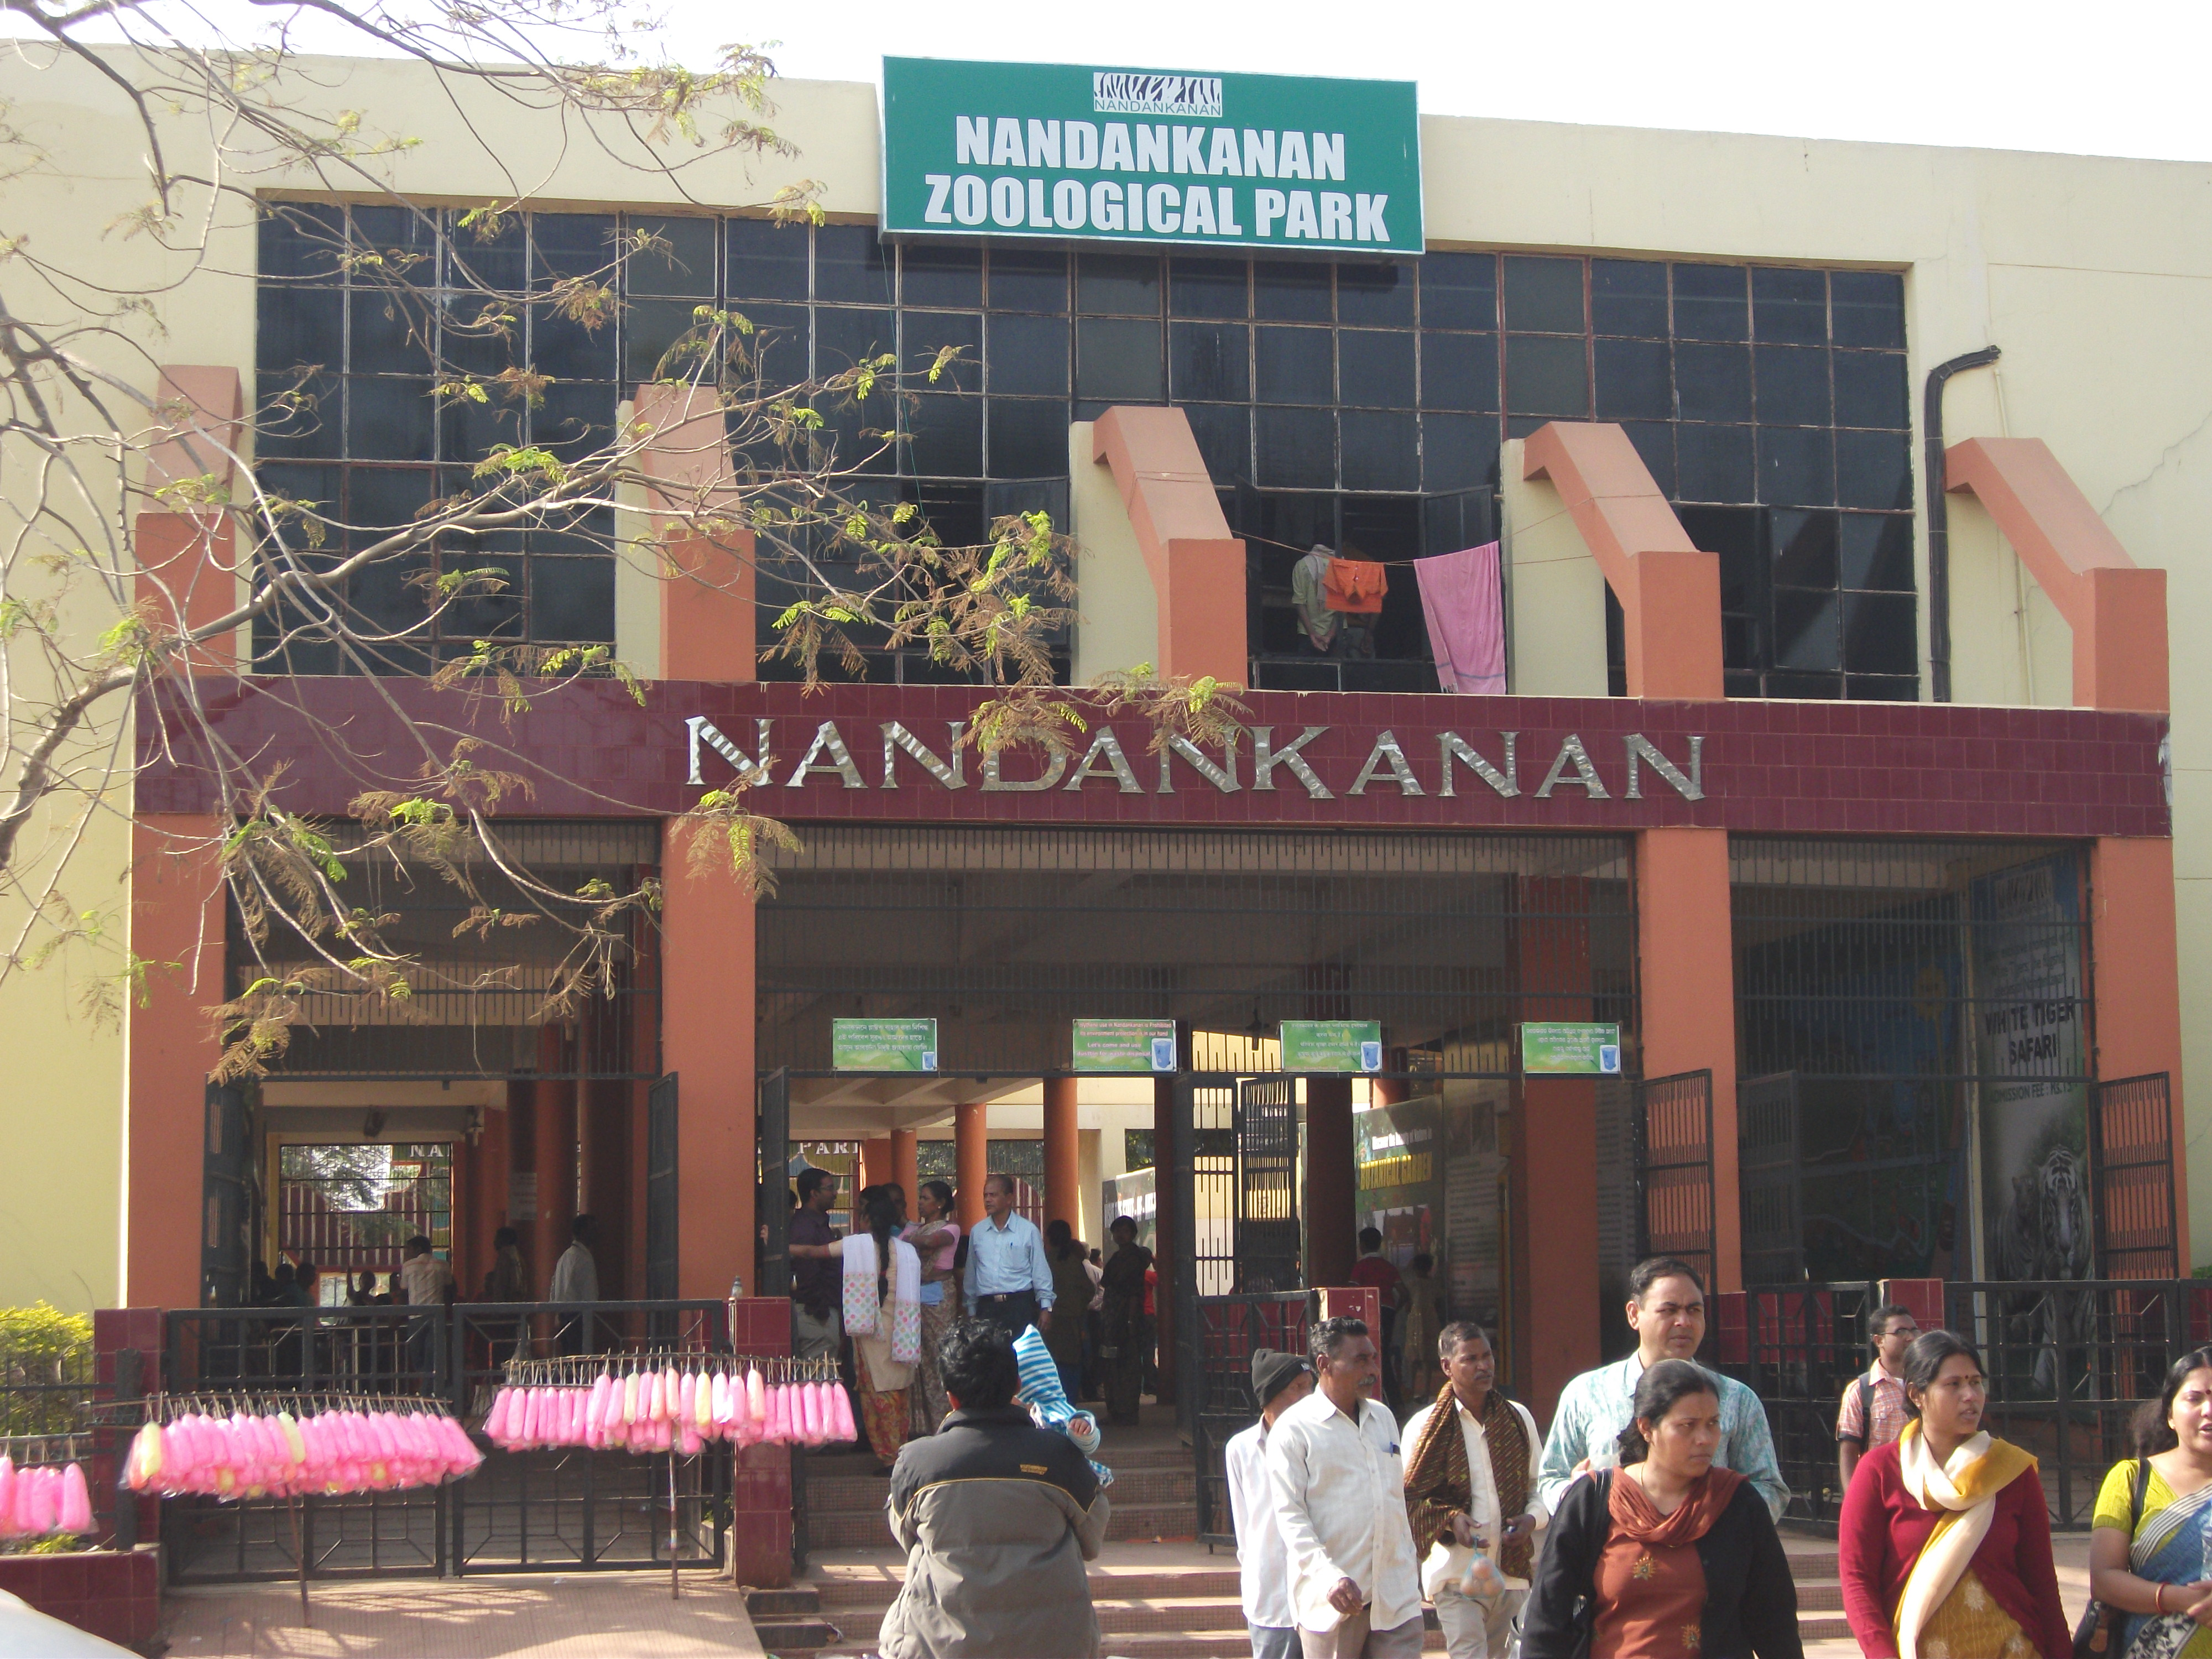 Nandankanan,Bhubaneswar,Odisha